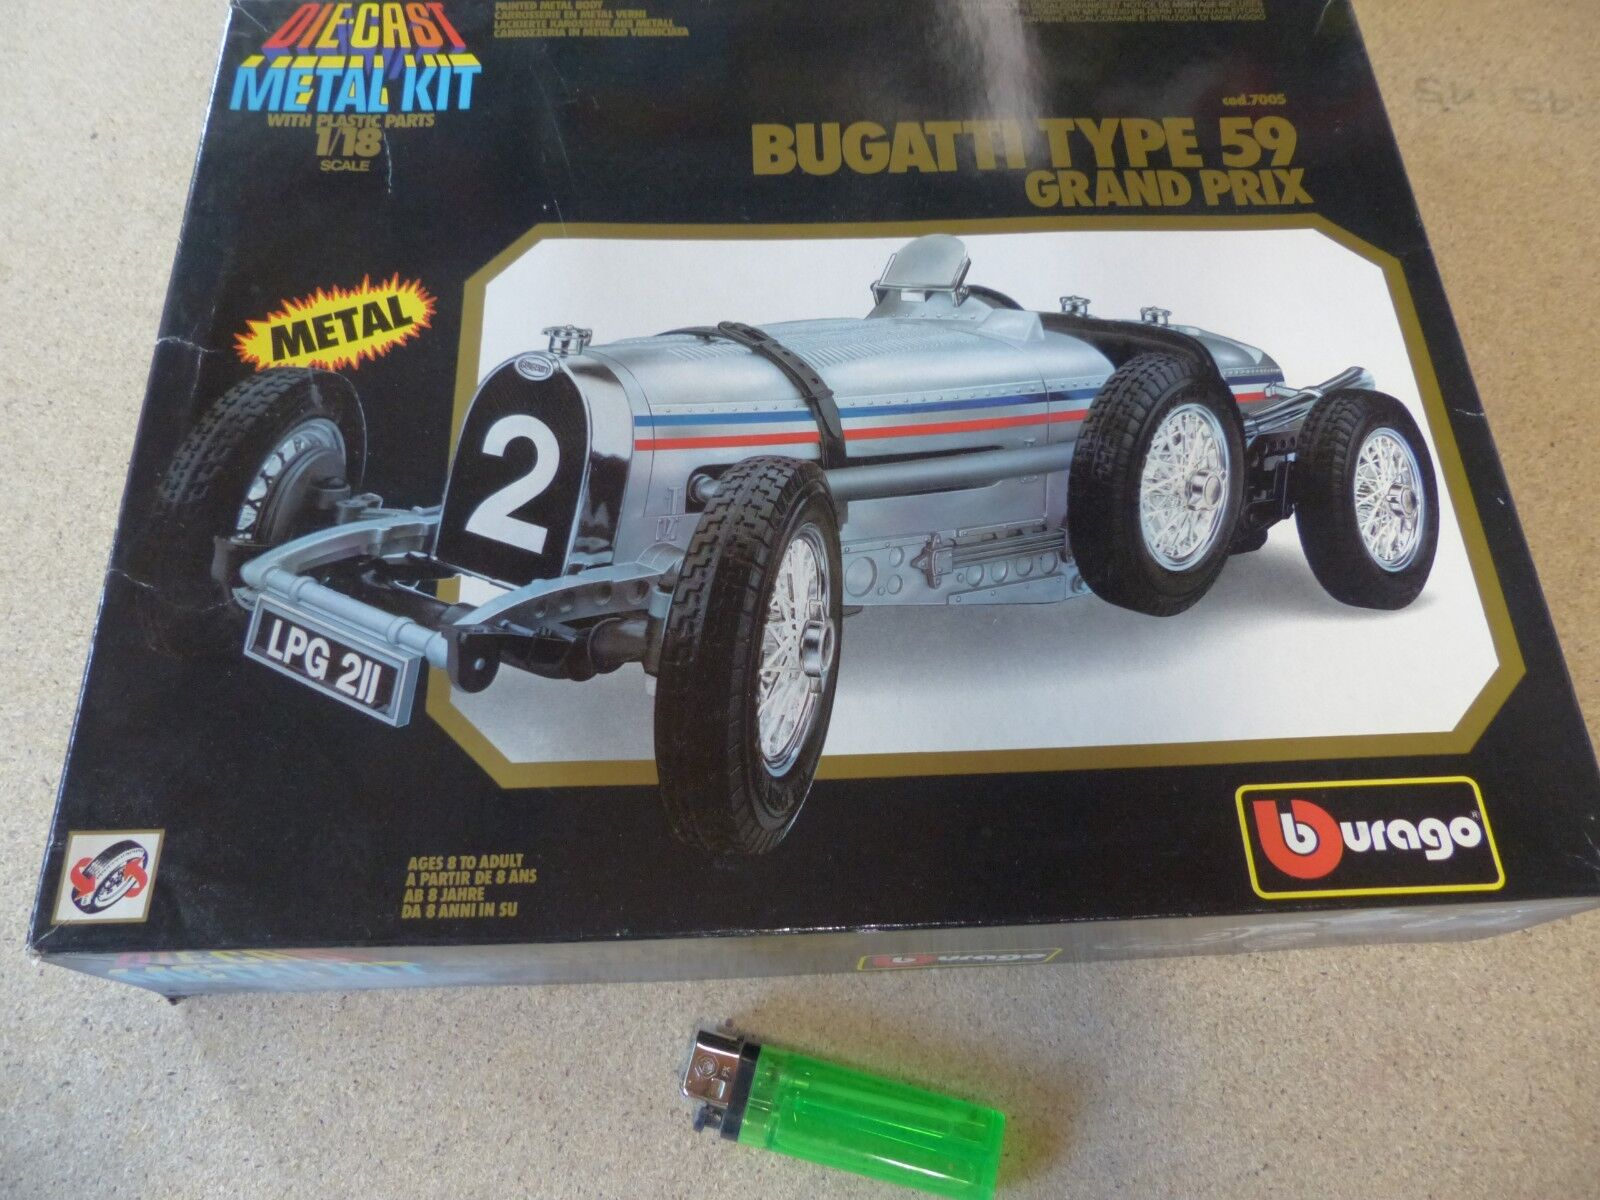 BBURAGO 1 18 - 7005-METAL KIT-Bugatti Type 59 Gre Prix OVP NOS nuovo argentoo